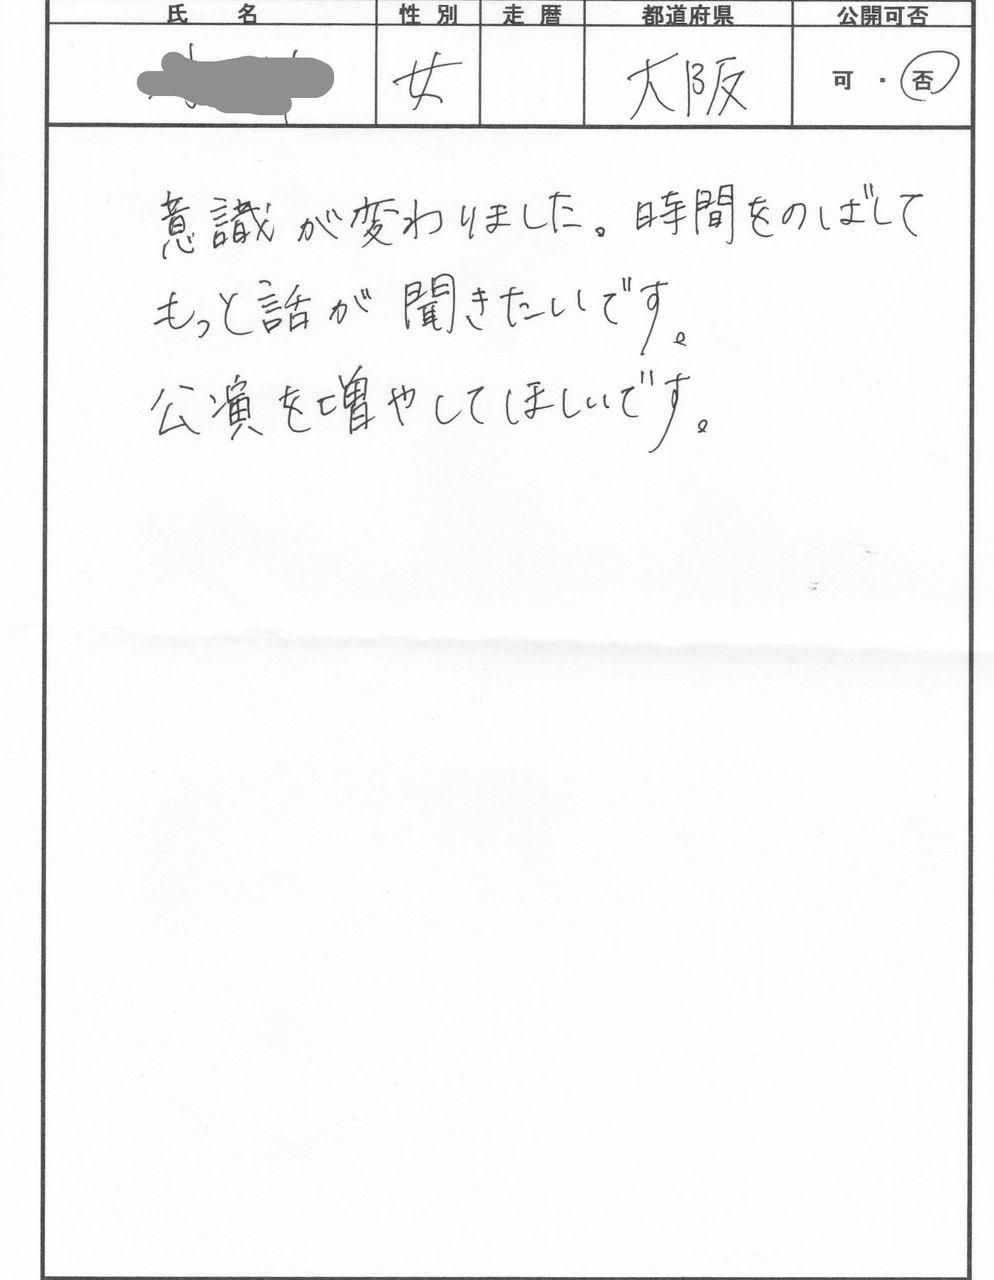 セミナー大阪・長野 感想_0008_copy